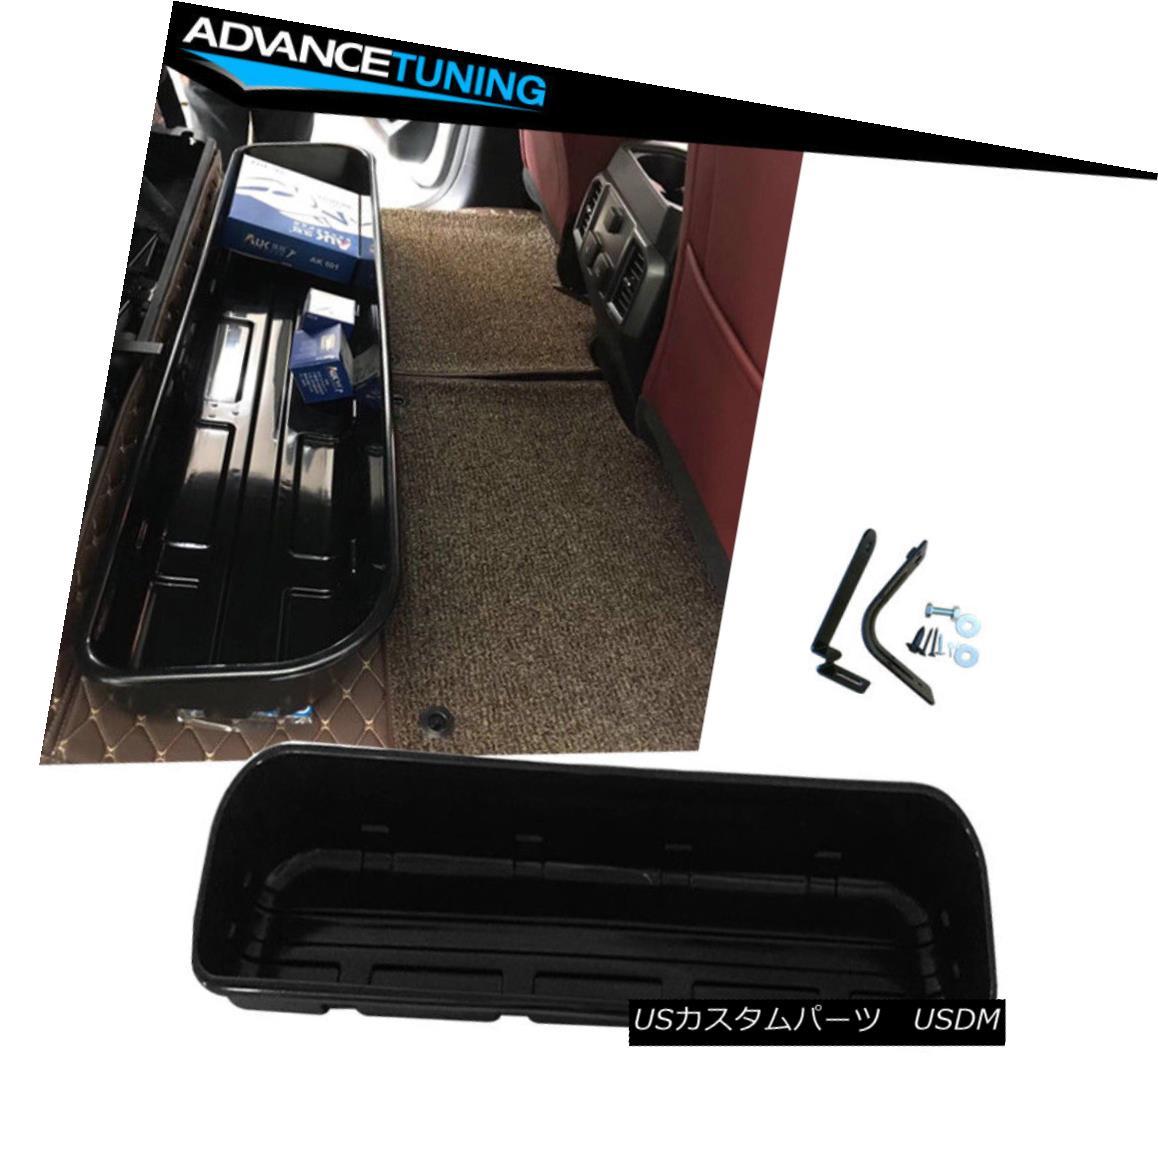 エアロパーツ Fits 15-18 Ford F150 4DR Underseat Storage Box Black フィット15-18フォードF150 4DRアンダーシュートストレージボックスブラック